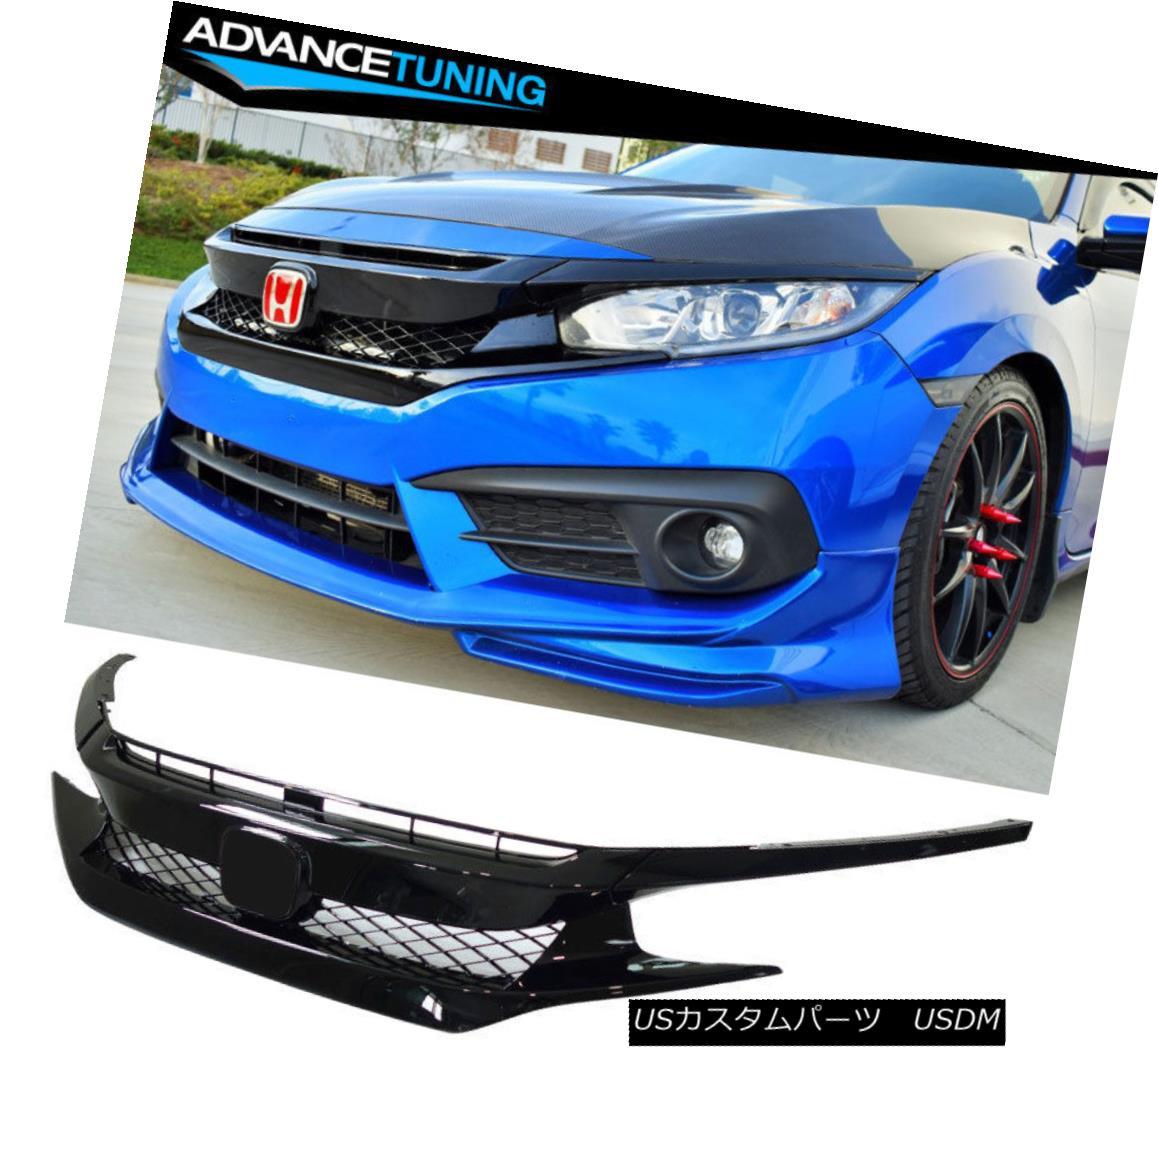 グリル For 16-18 Honda Civic FK8 Type-R ABS Front Bumper Grille Hood Mesh Grill Guards 16-18ホンダシビックFK8タイプ-R ABSフロントバンパーグリルフードメッシュグリルガード